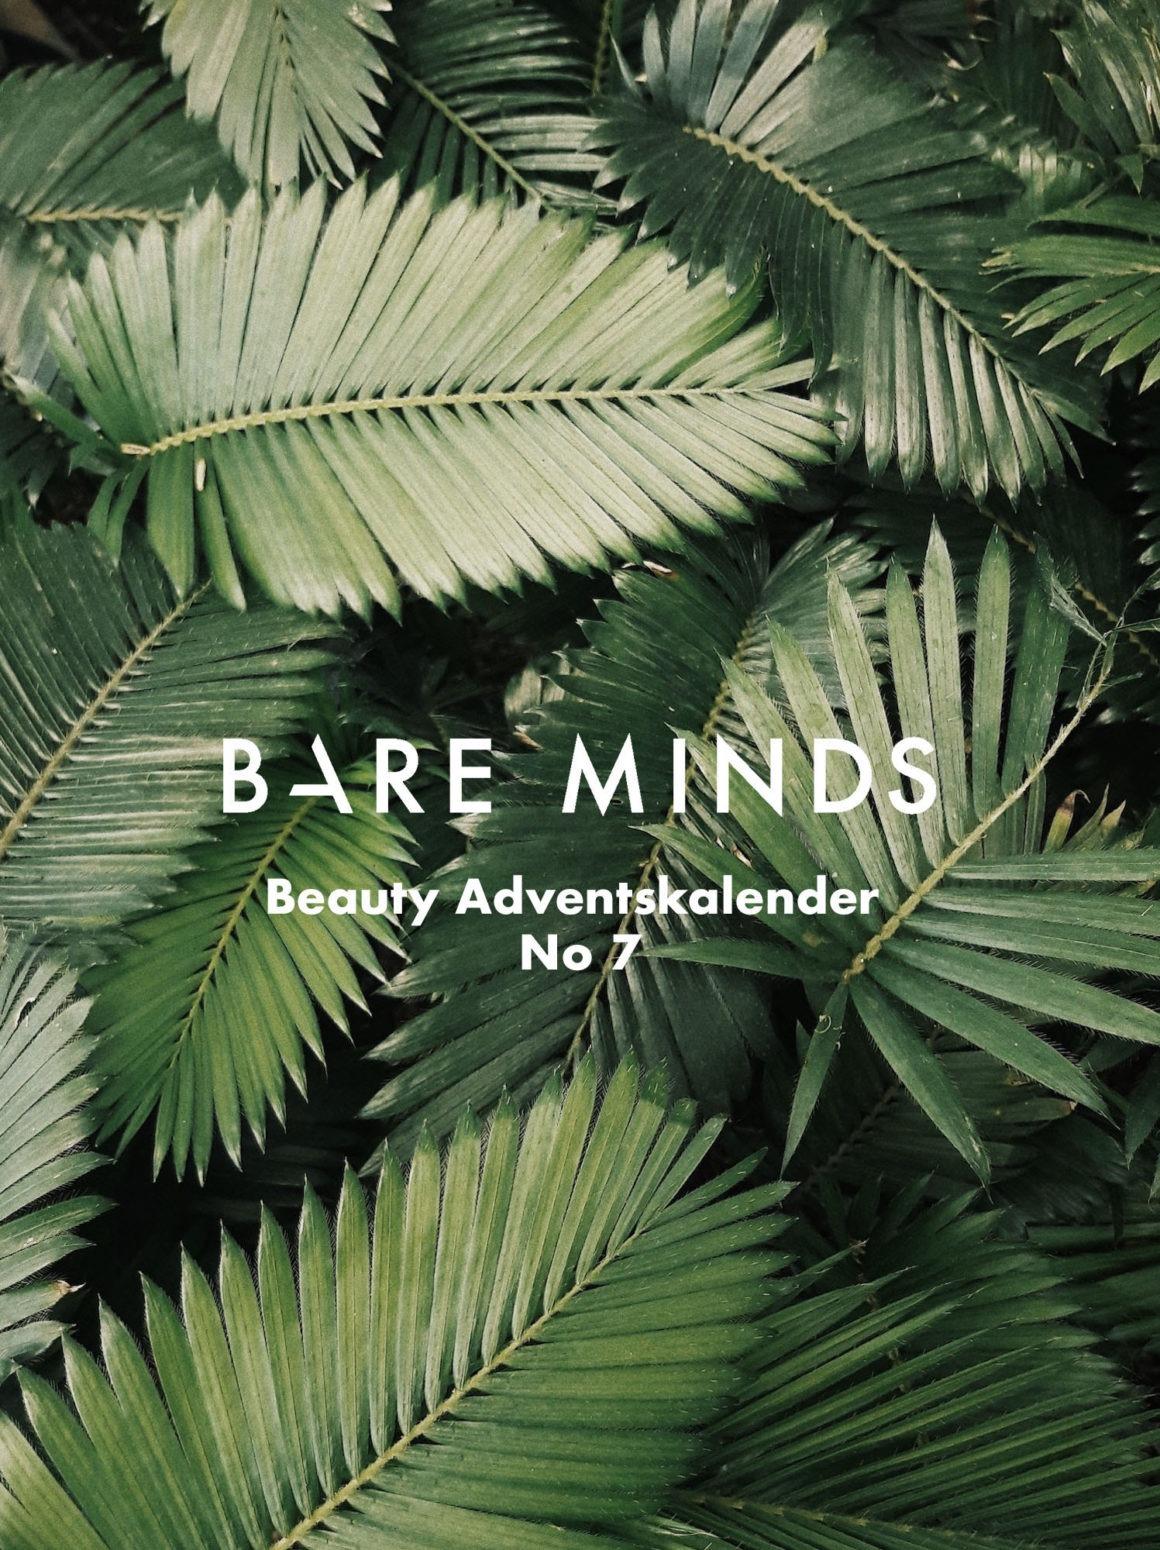 Bare Minds Beauty Adventskalender 2019 07_